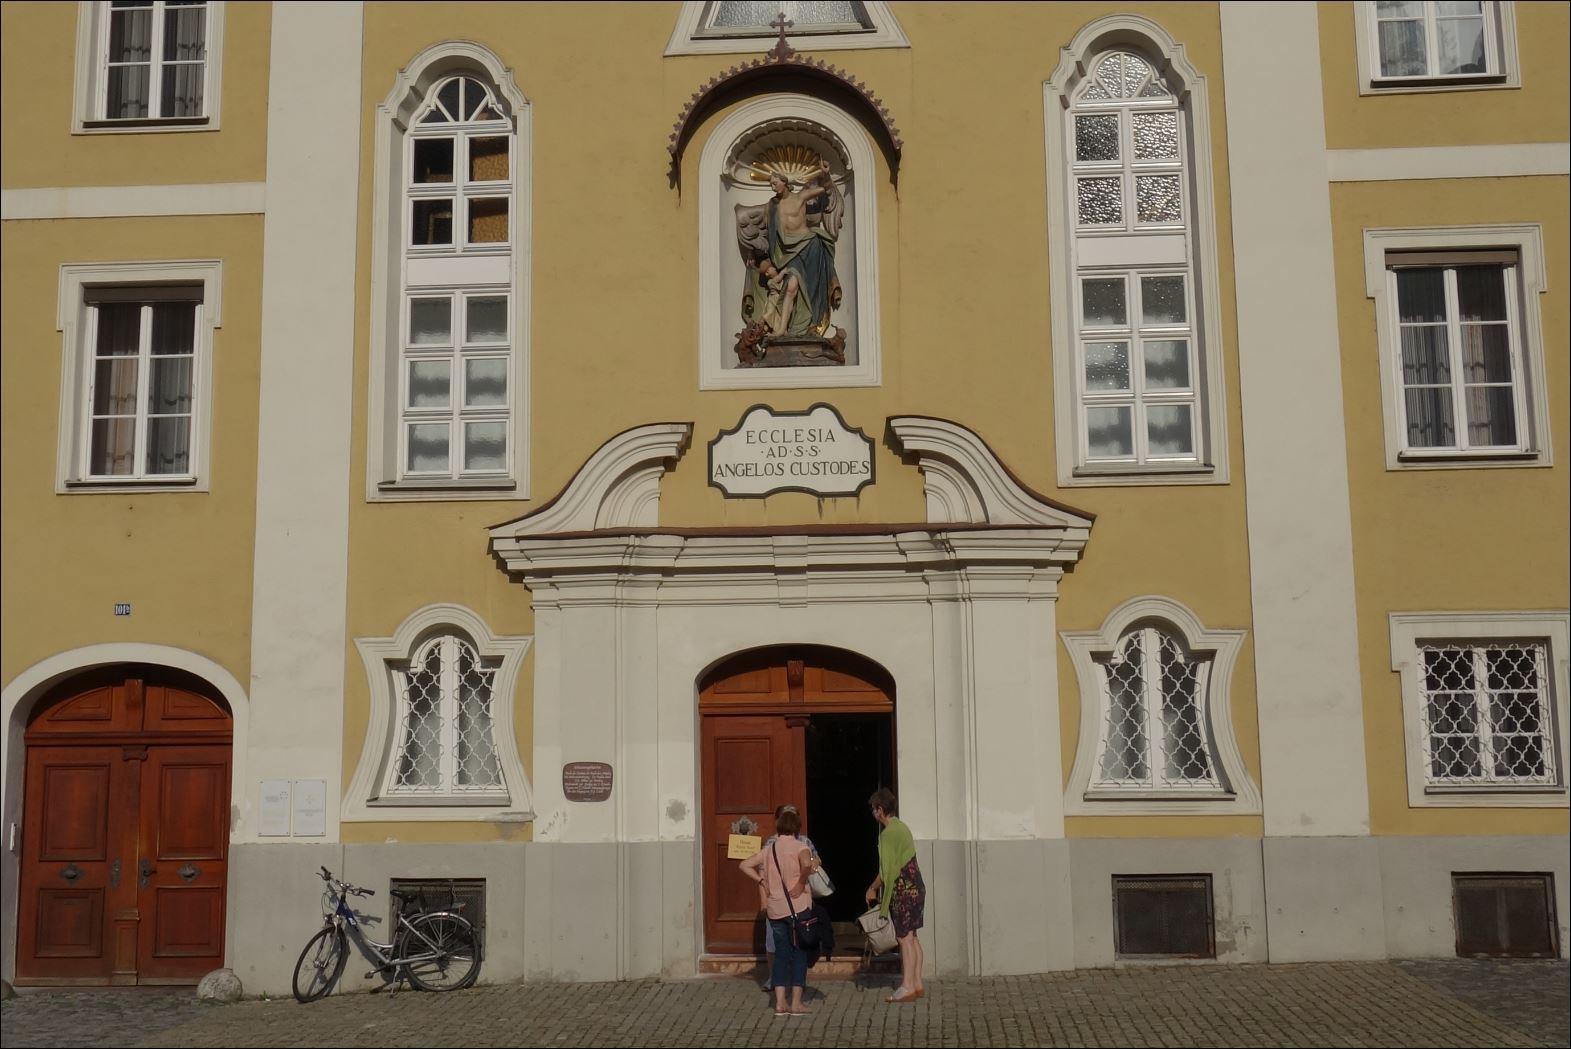 STJ 20 07 22 Schutzenfelkirche DSC06090 1